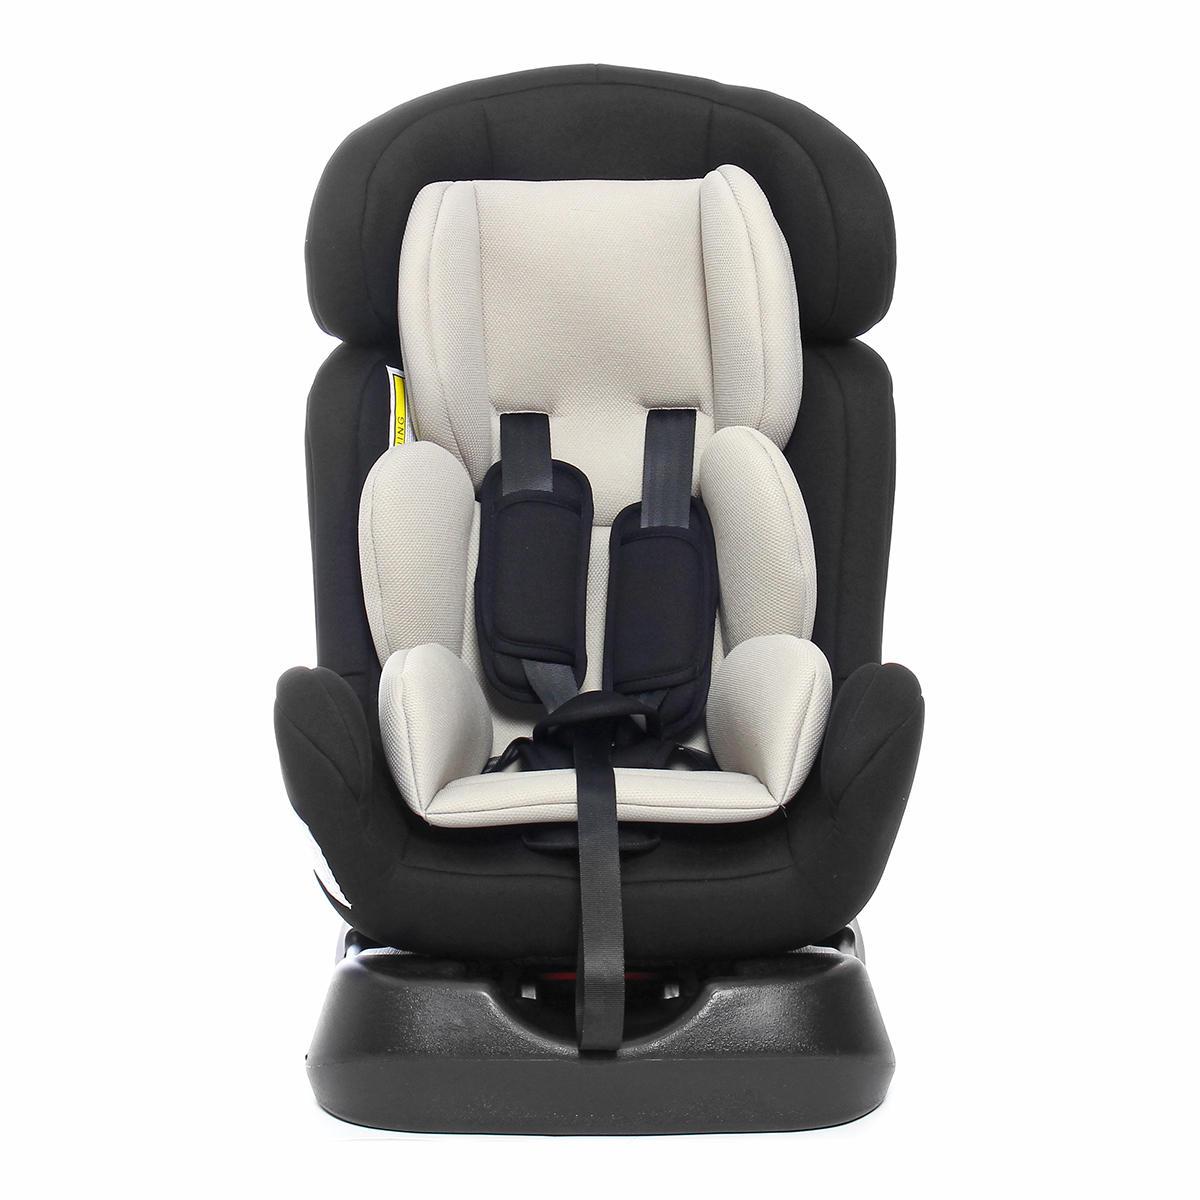 Tejido transpirable reclinable Coche Asiento de seguridad para niños ECE R44 / 04 para niños de 0 a 25 kg